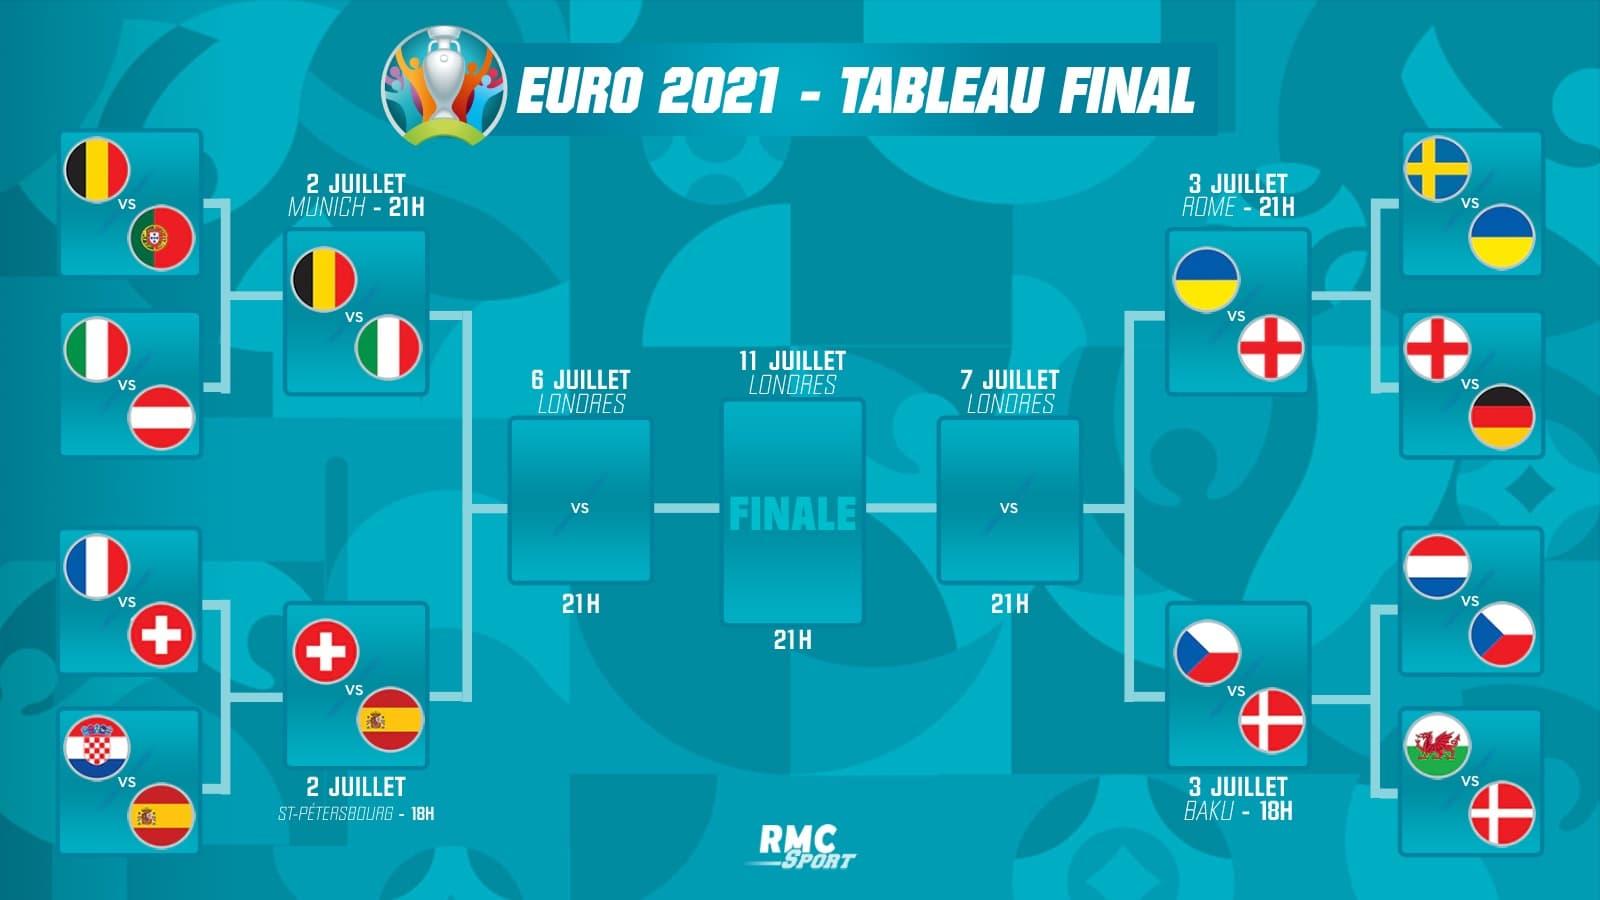 Calendrier Euro 2021 : toutes les dates des matchs de foot